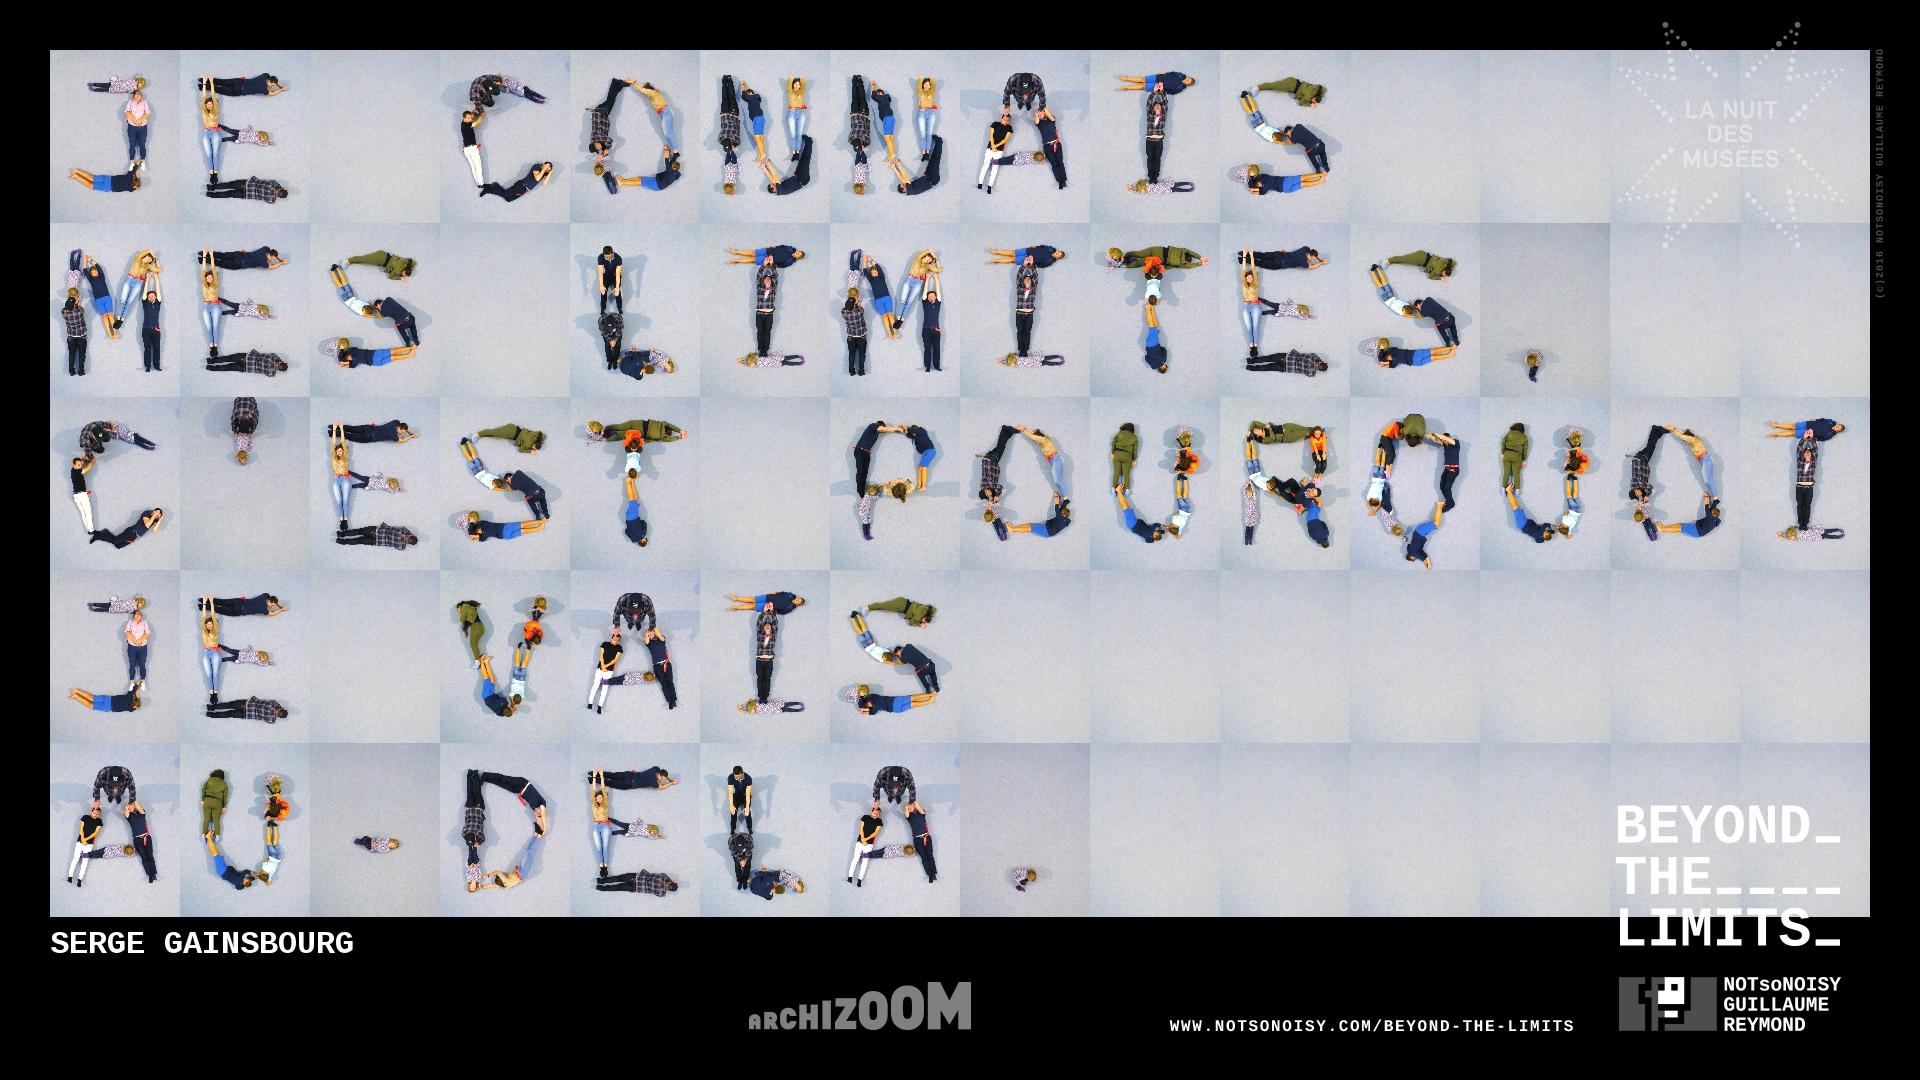 Beyond The Limits - Alphabet humain #AZ4